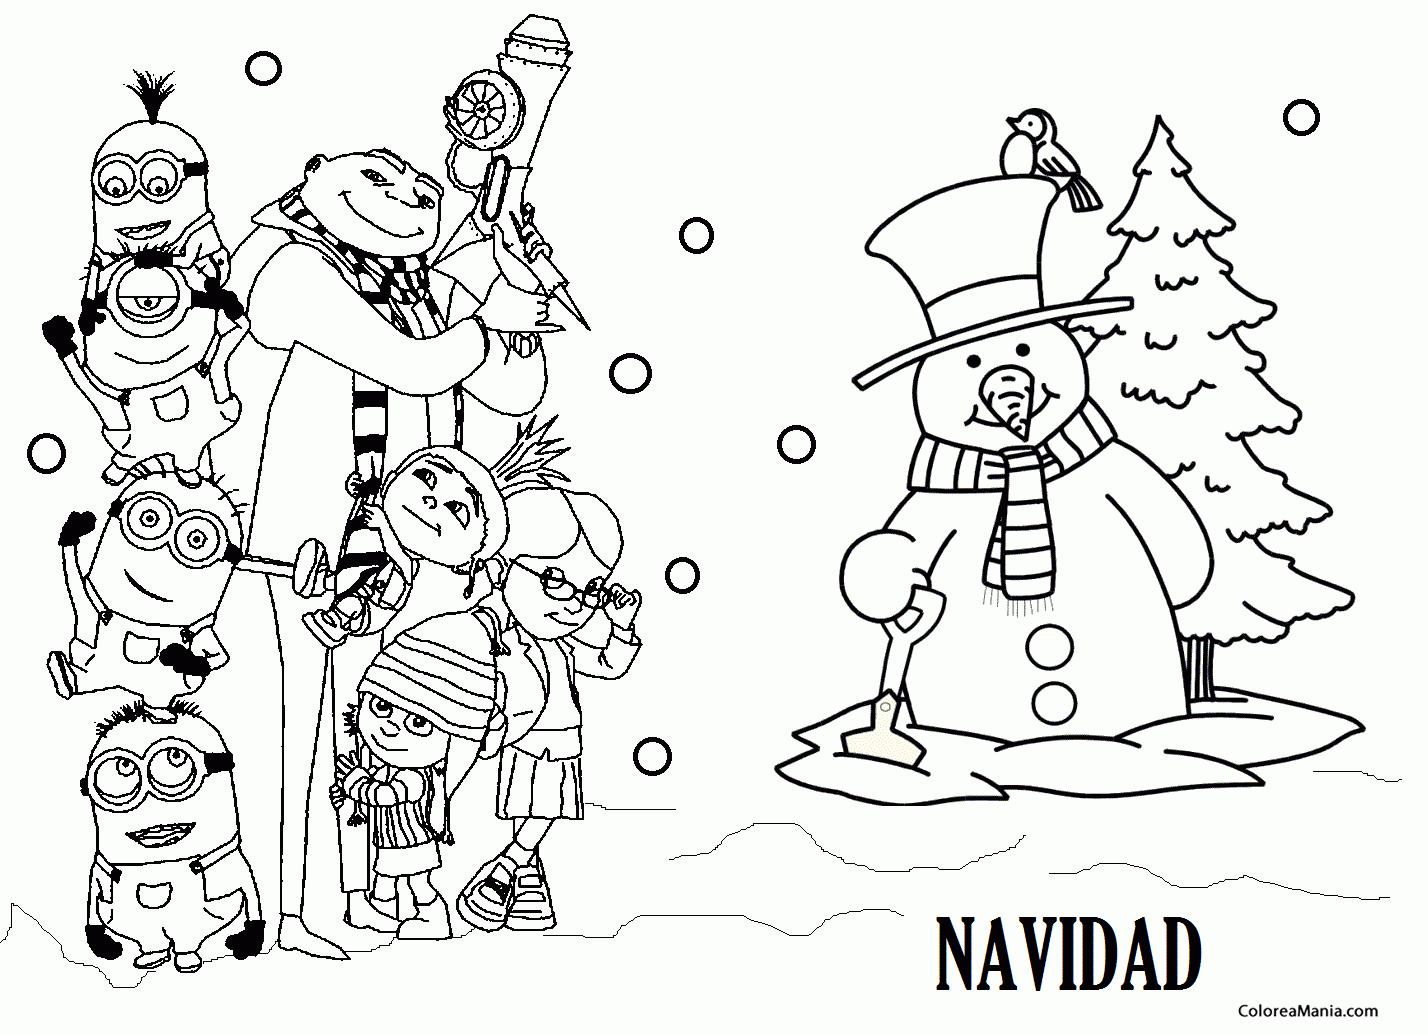 Dibujos Para Colorear De Los Minions Para Imprimir: Colorear Minions En Navidad (Minions), Dibujo Para